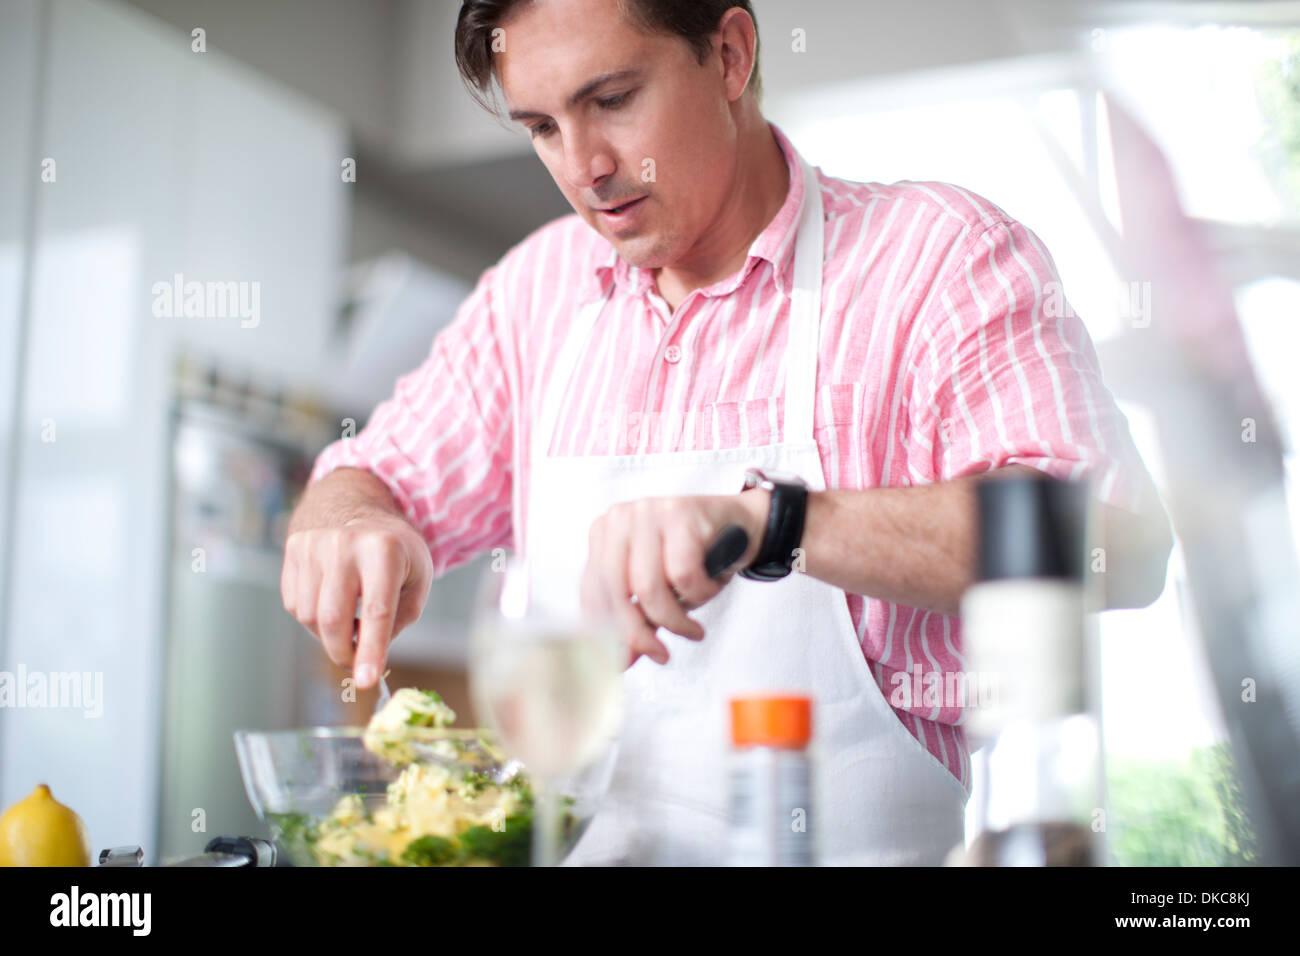 Mature men cooking, mixing ingredients in bowl - Stock Image